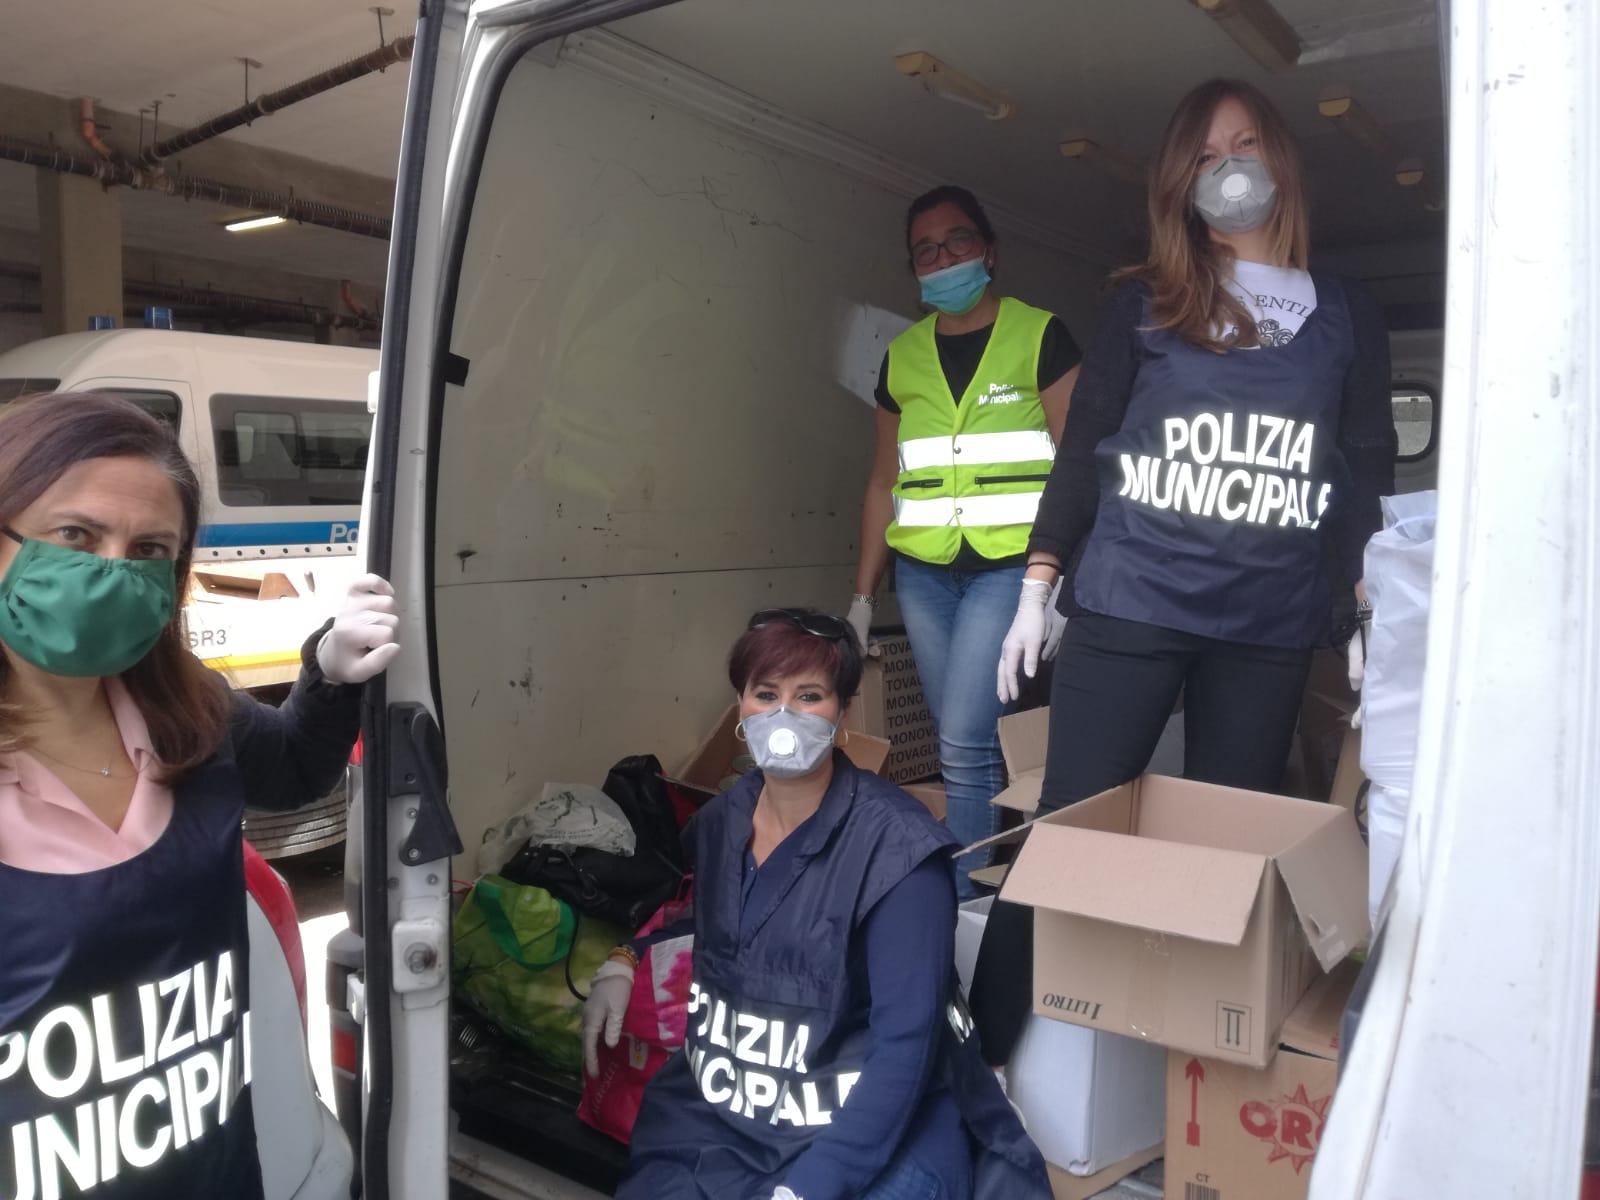 Solidarietà. Agenti e personale polizia municipale raccolgono beni di prima necessità